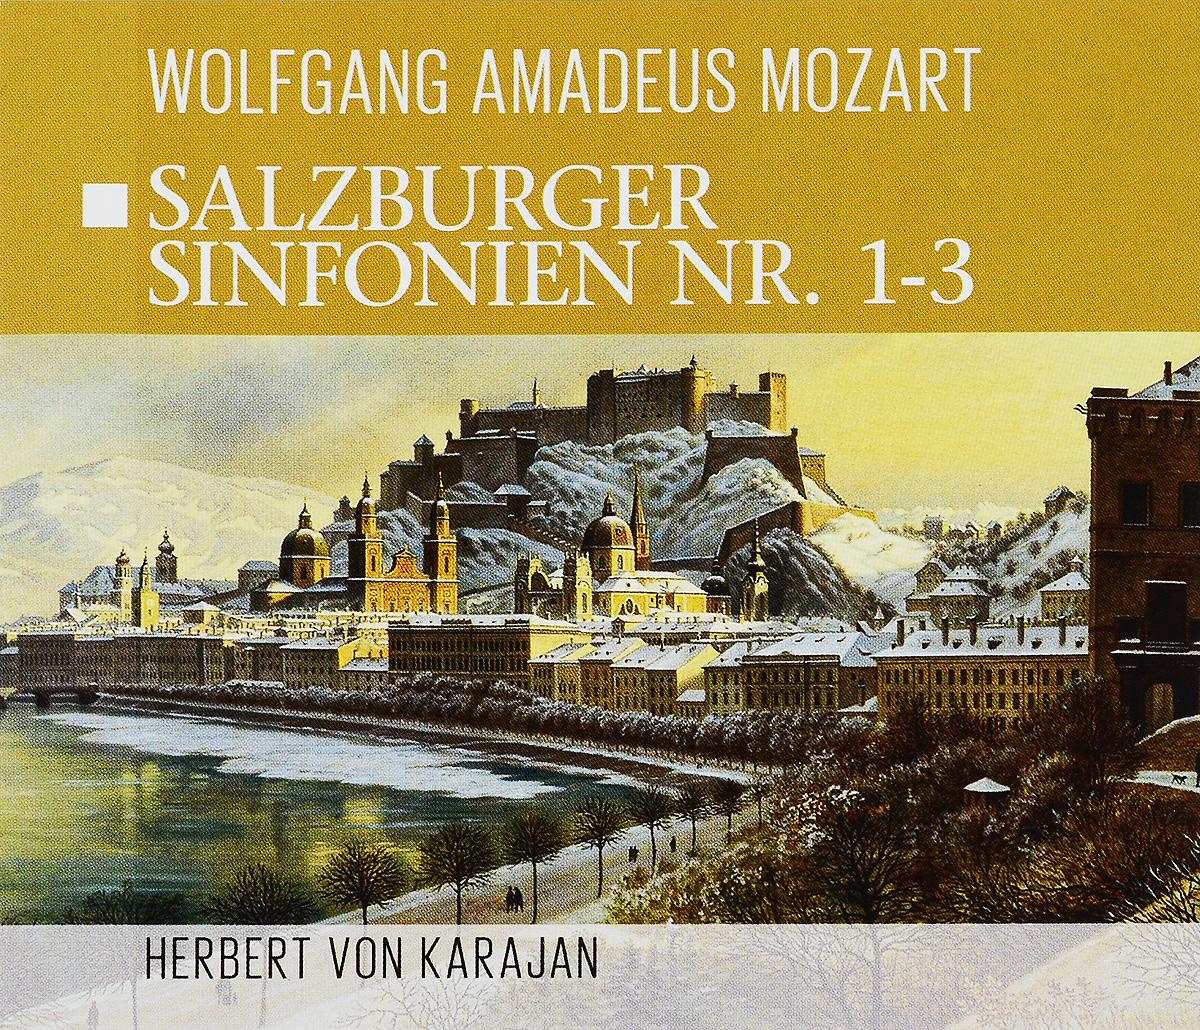 Herbert Von Karajan. Wolfgang Amadeus Mozart. Salzburger Sinfonien Nr. 1-3 verdi herbert von karajan messa da requiem